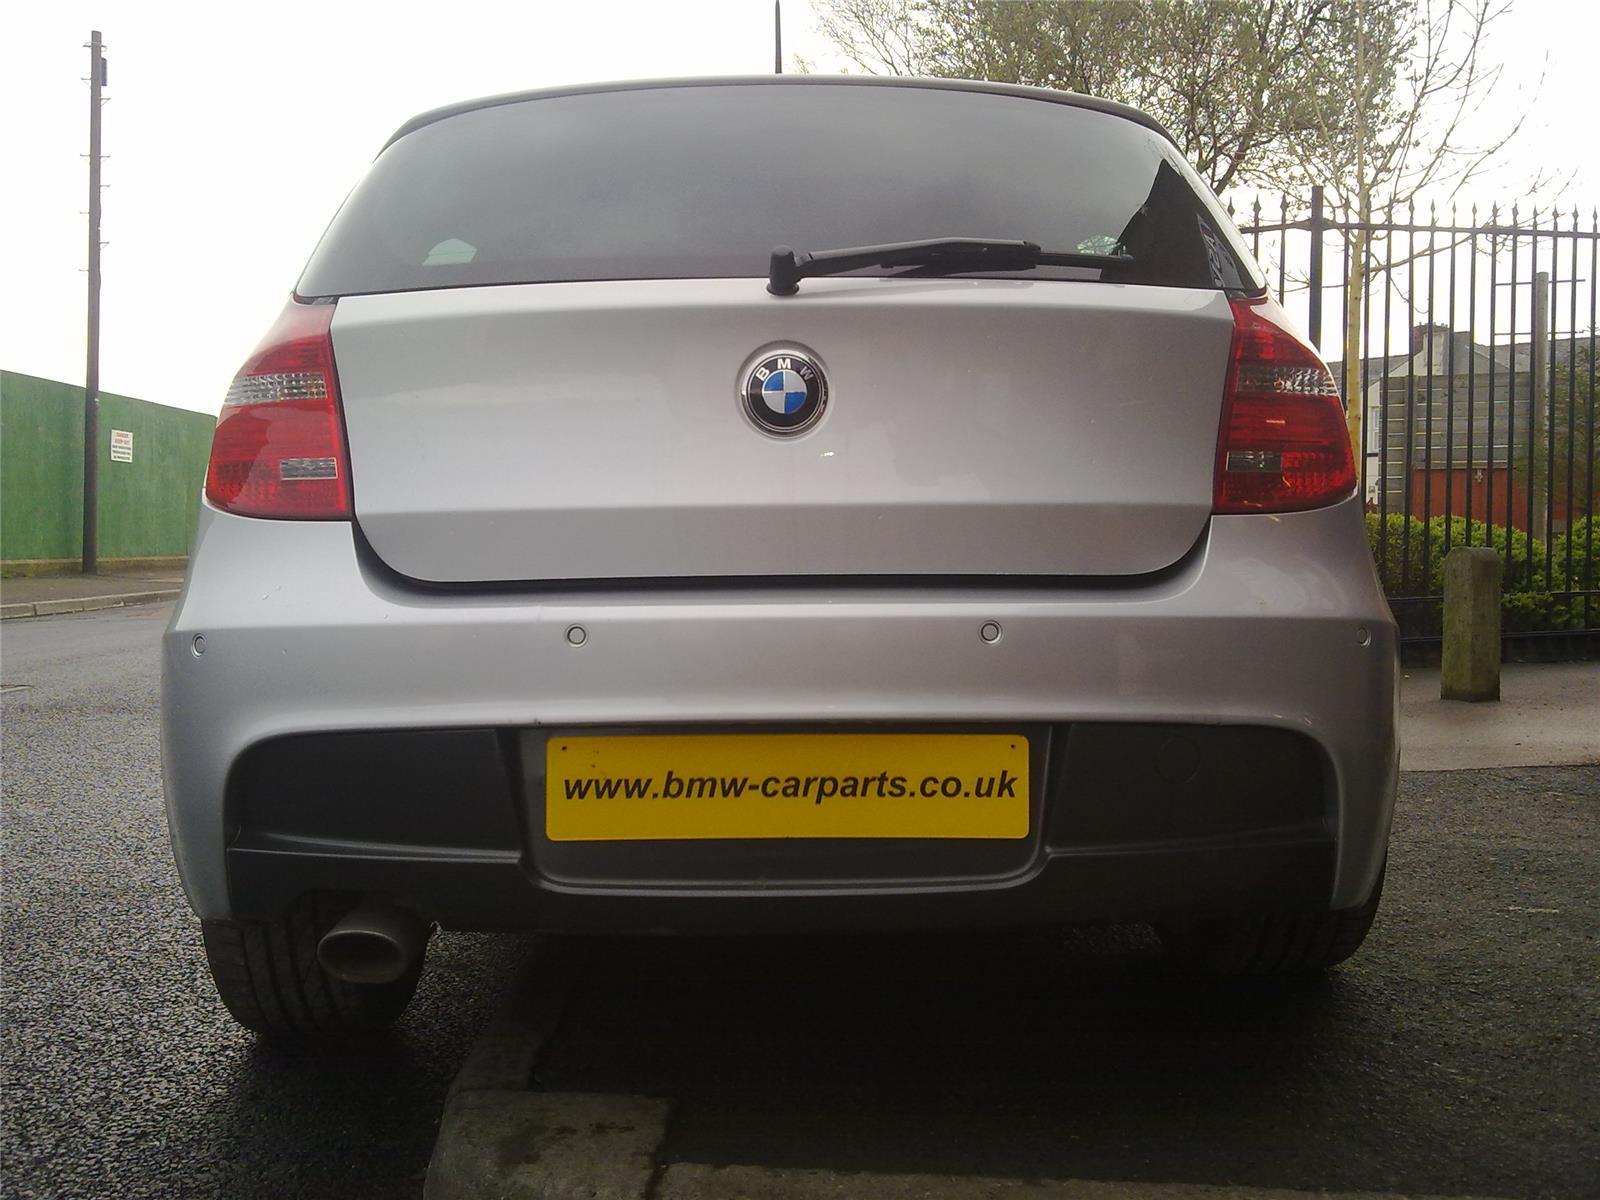 2008 BMW 1 SERIES 118D M SPORT 3 DOOR HATCHBACK (DIESEL / MANUAL ...